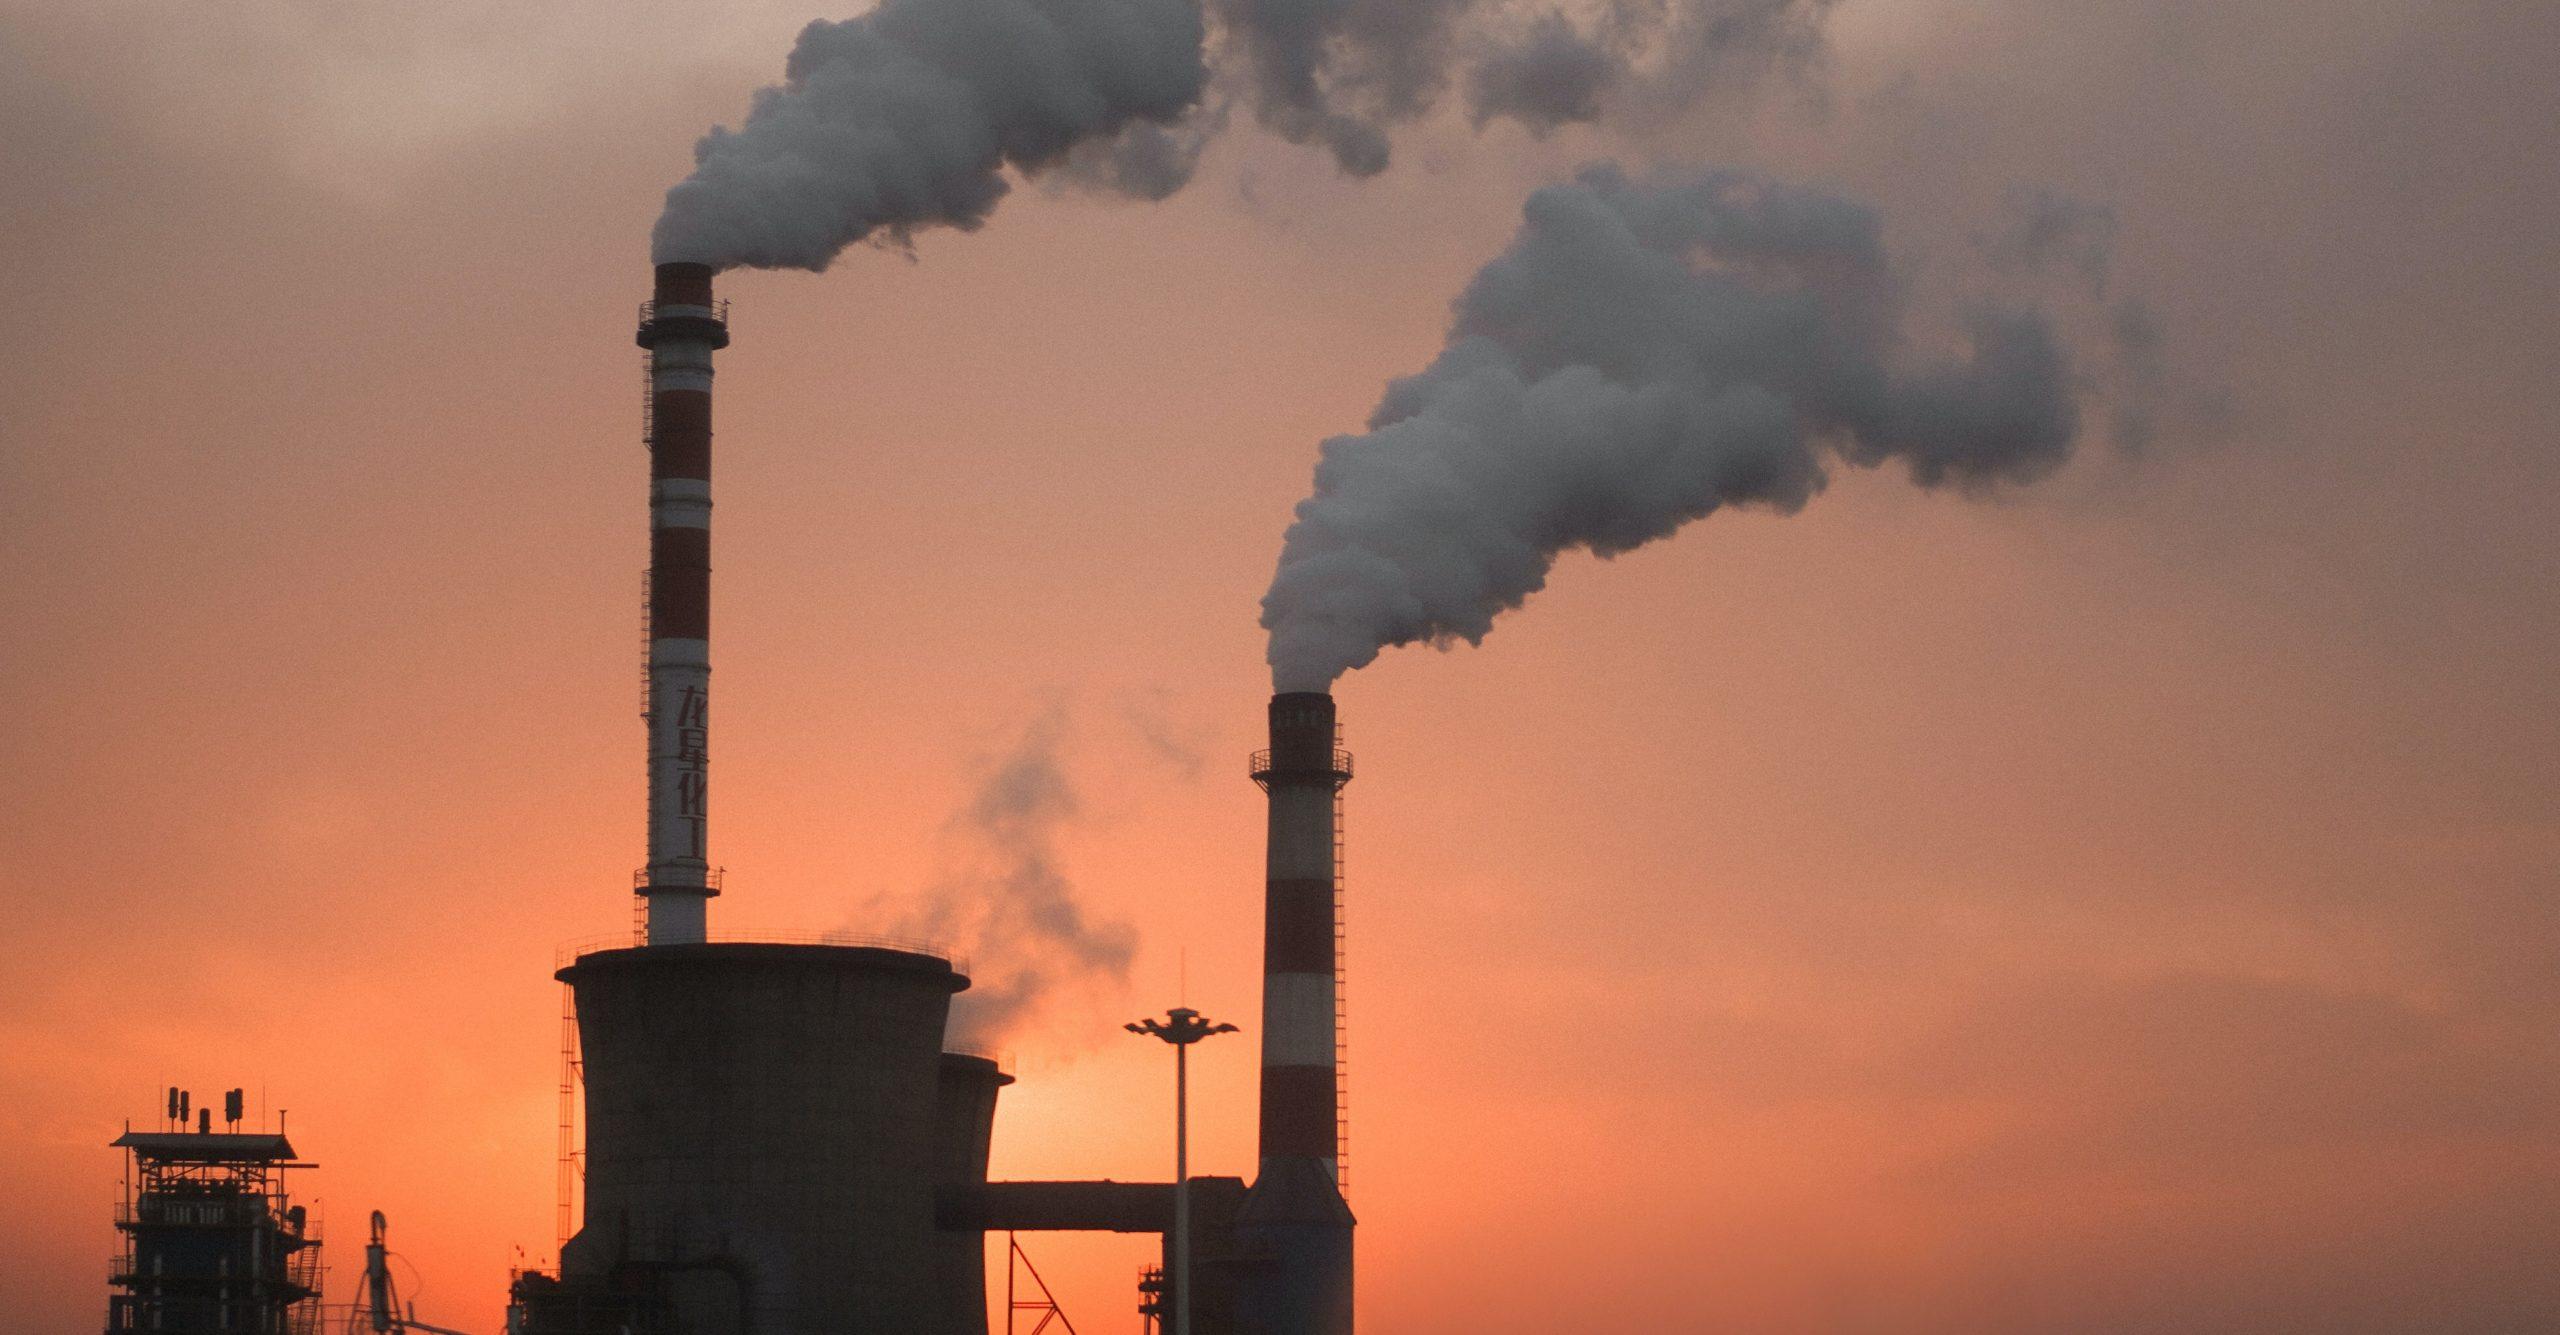 Nach der Coronakrise ist mitten in der Klimakrise - Warum wir jetzt eine Energierevolution brauchen